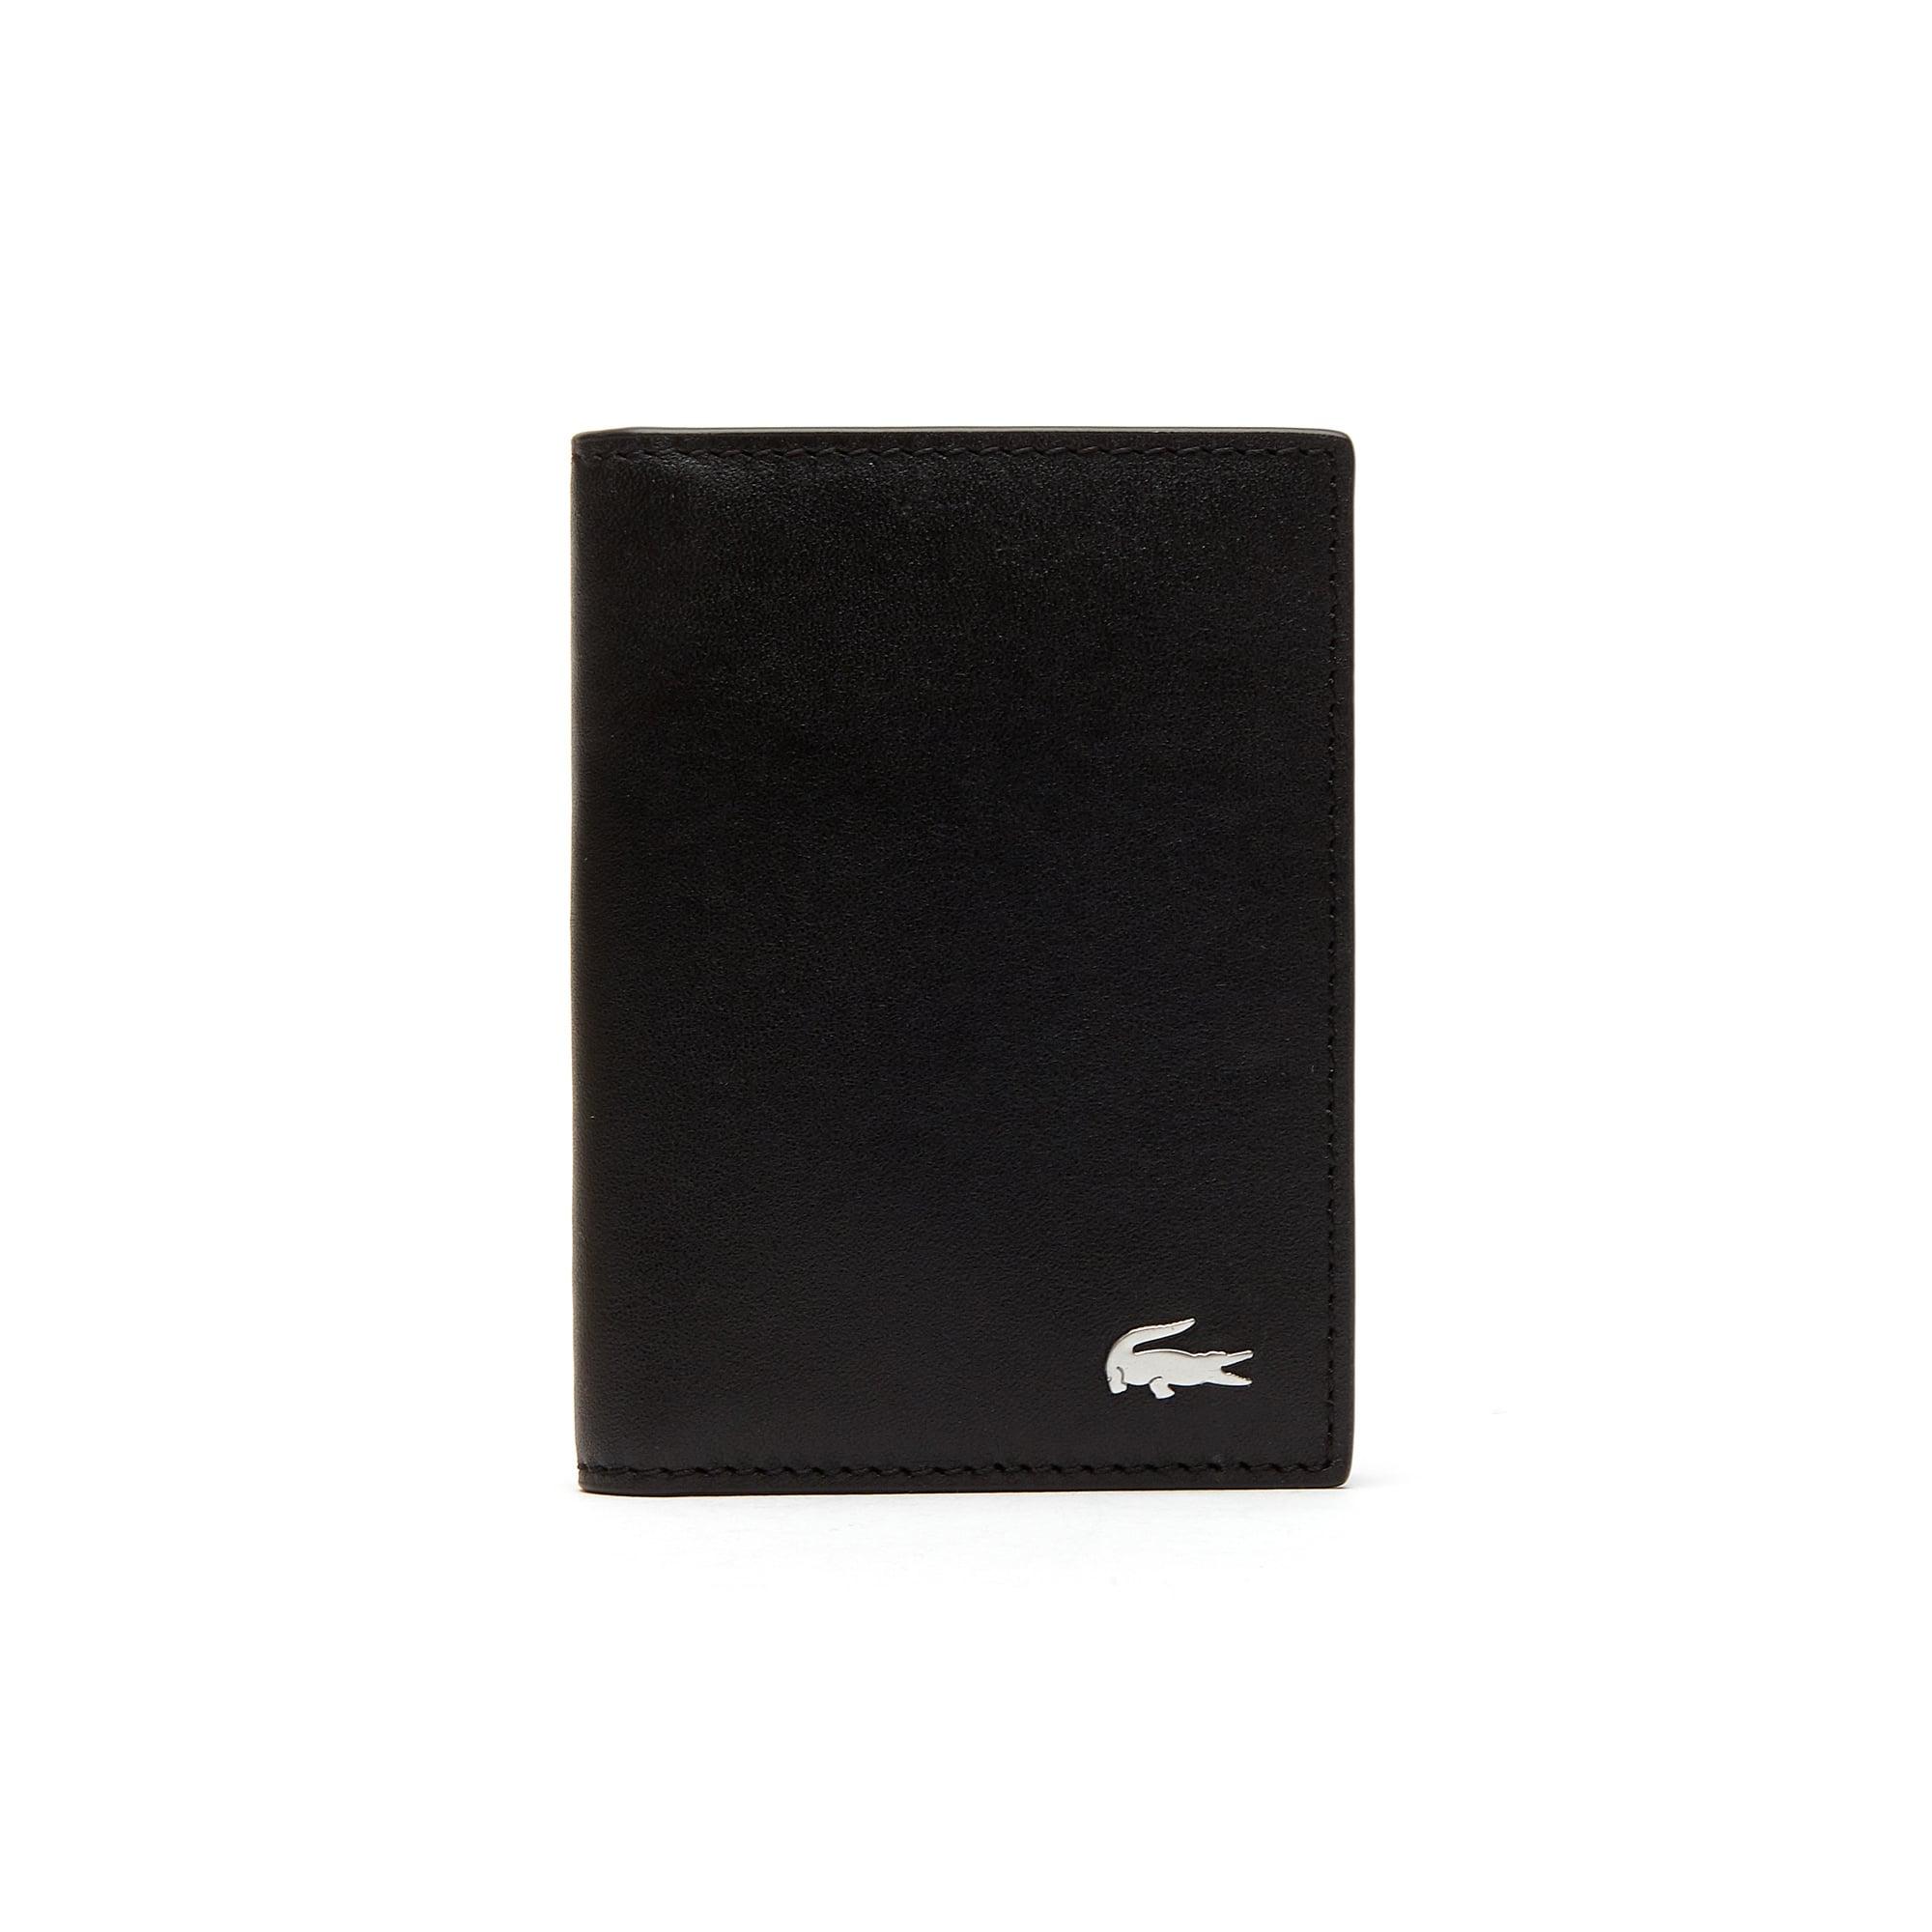 (남성) FG 3 슬롯 레더 카드 지갑